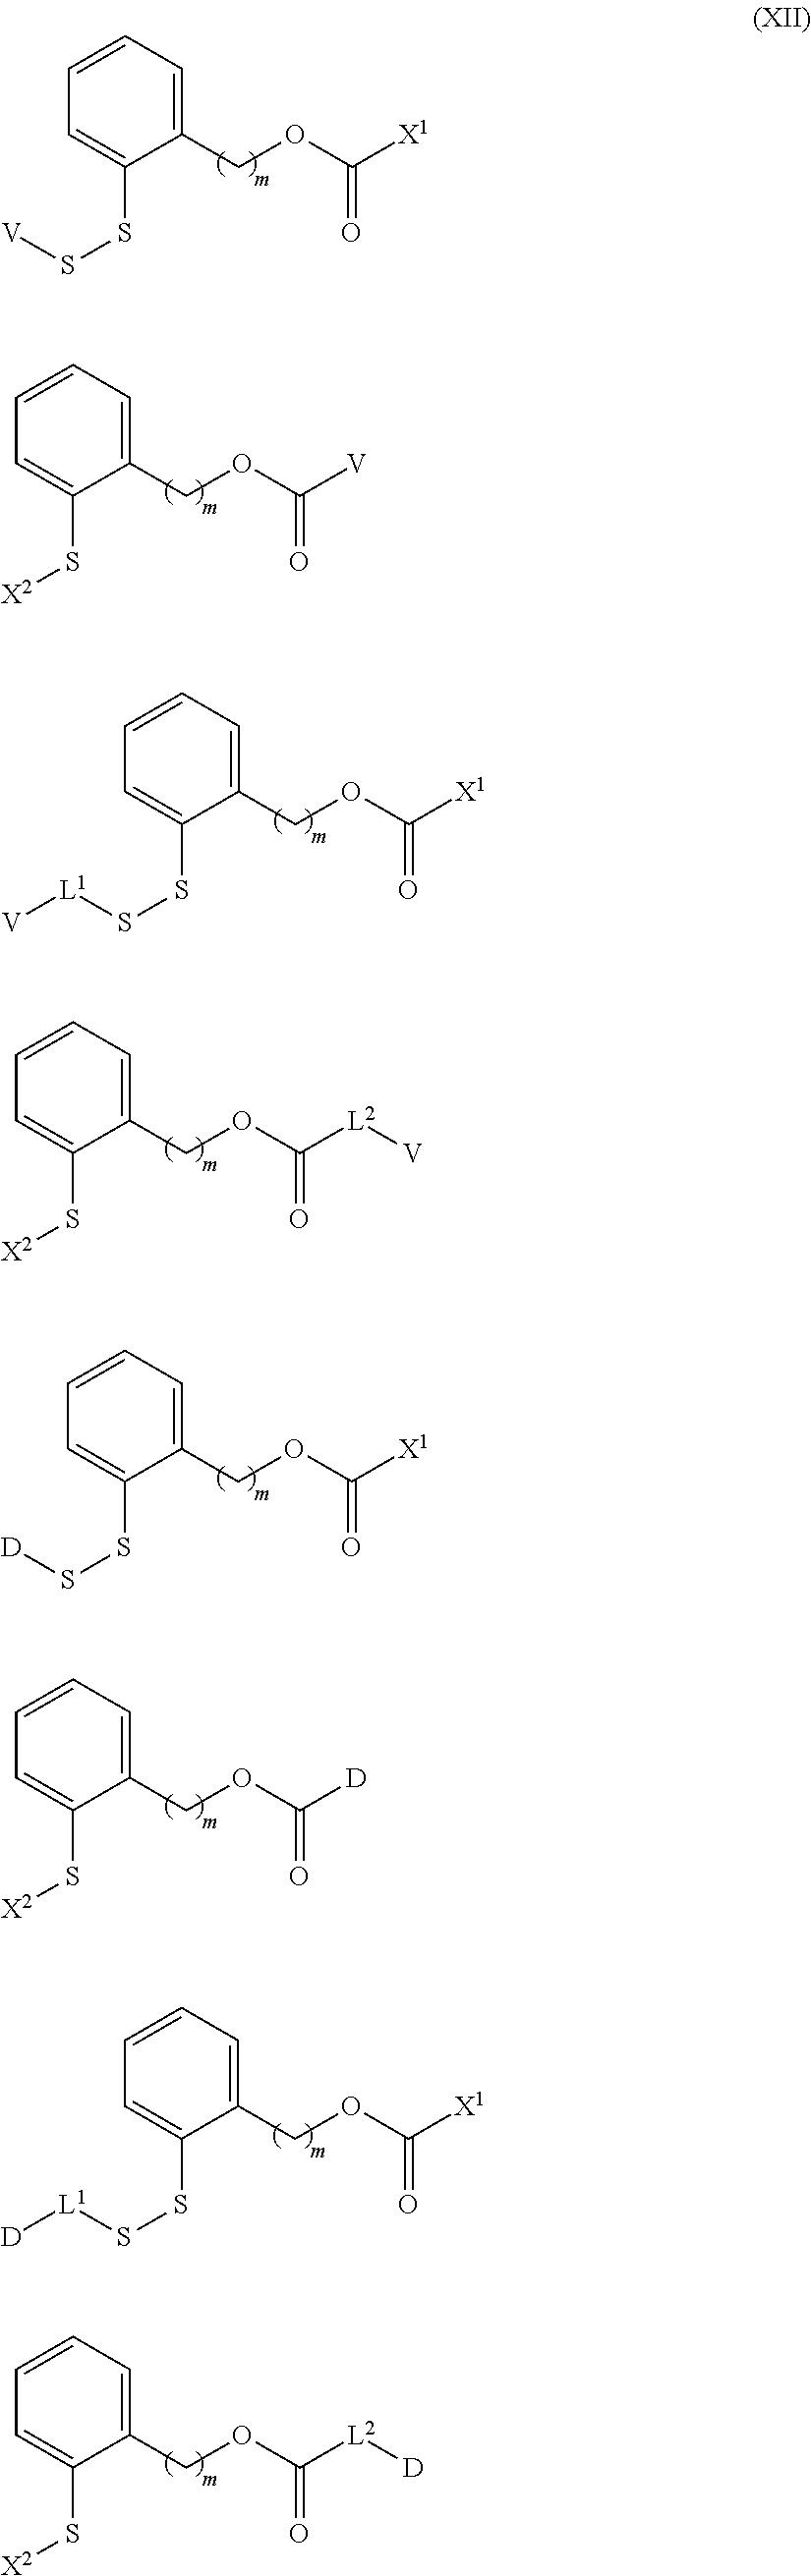 Figure US09550734-20170124-C00016